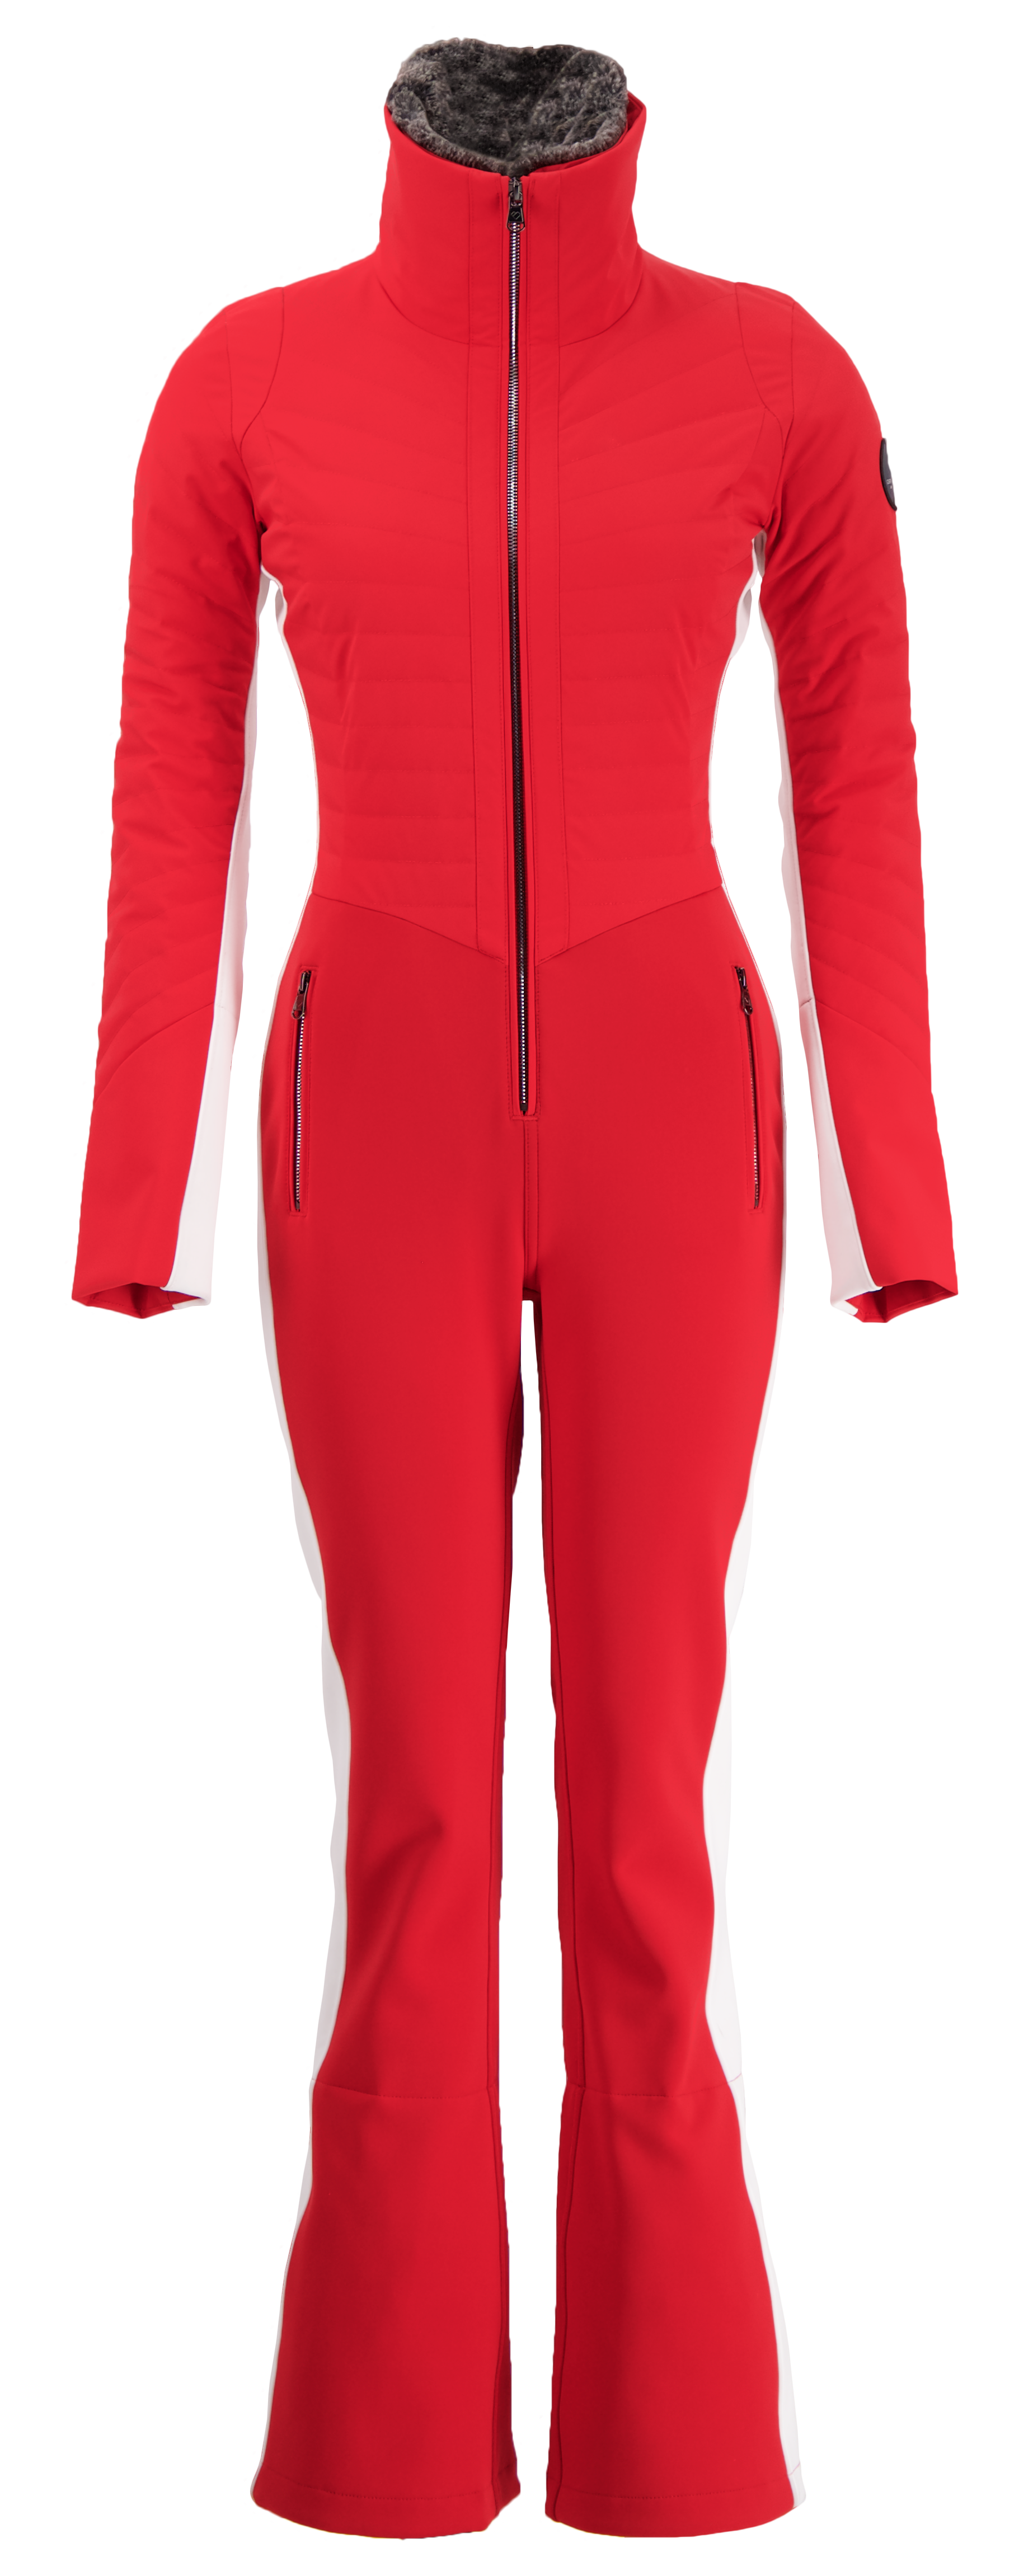 Salomon Quest MotionFit Jacket